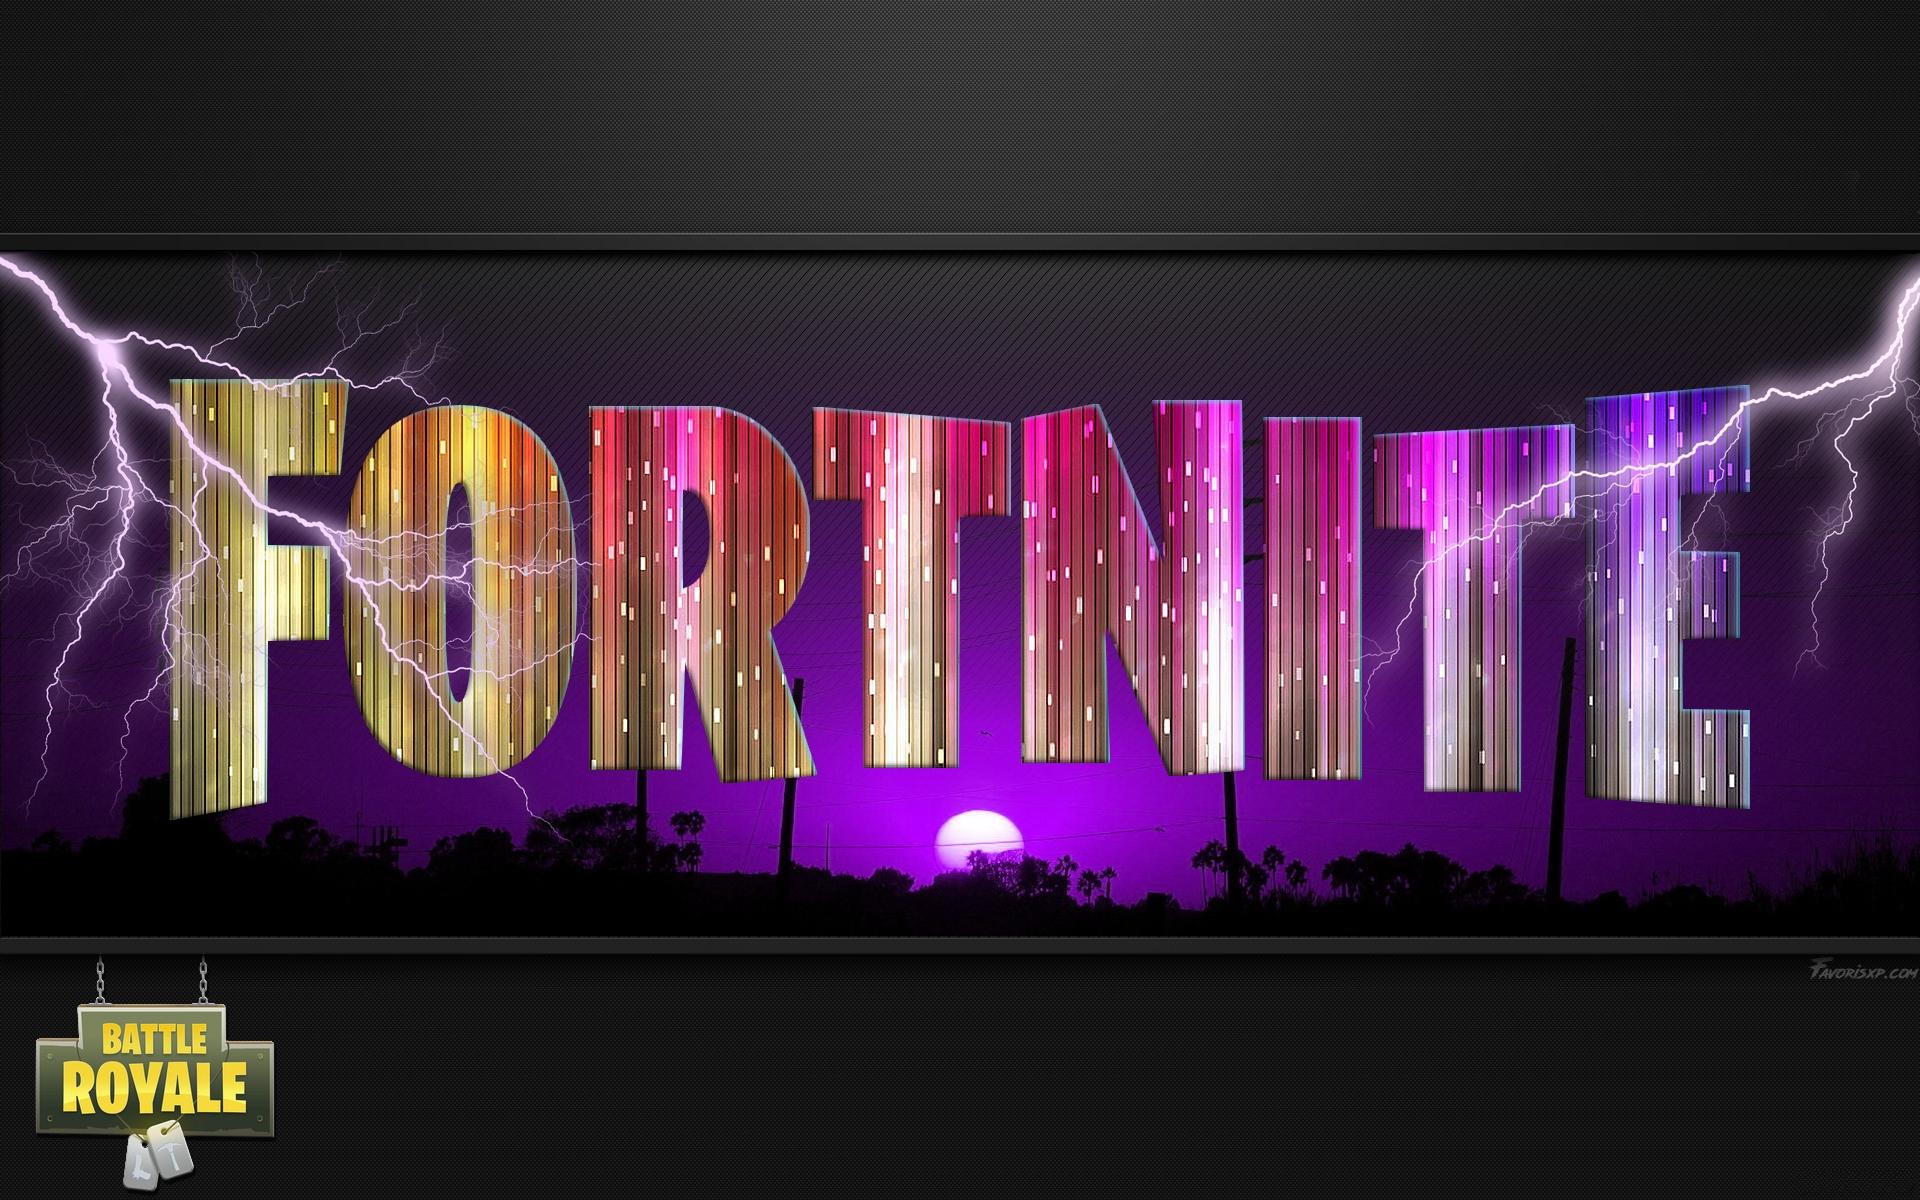 Fortnite - Fond d'écran HD - Arrière-plans gratuits pour PC.